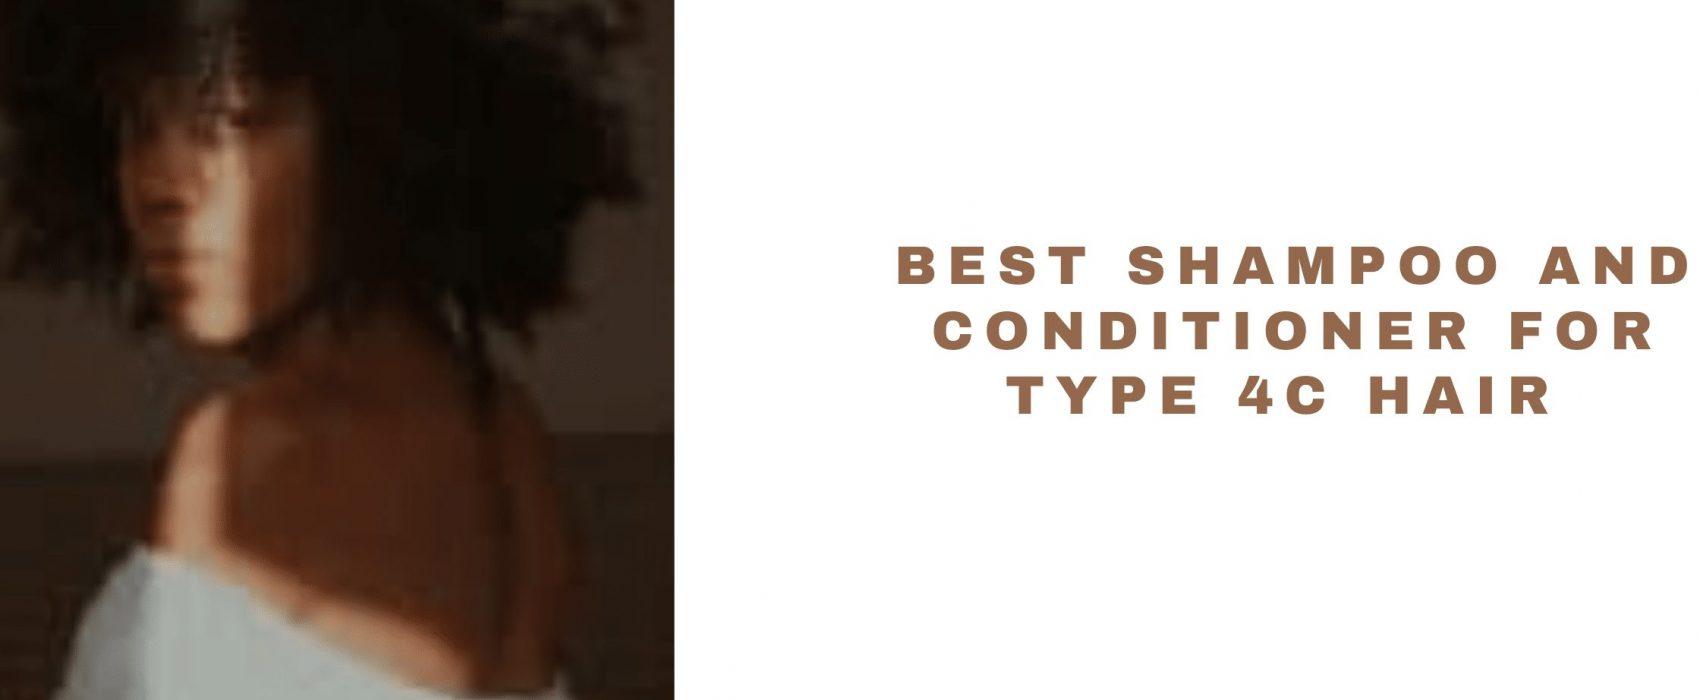 type 4 c conditioner